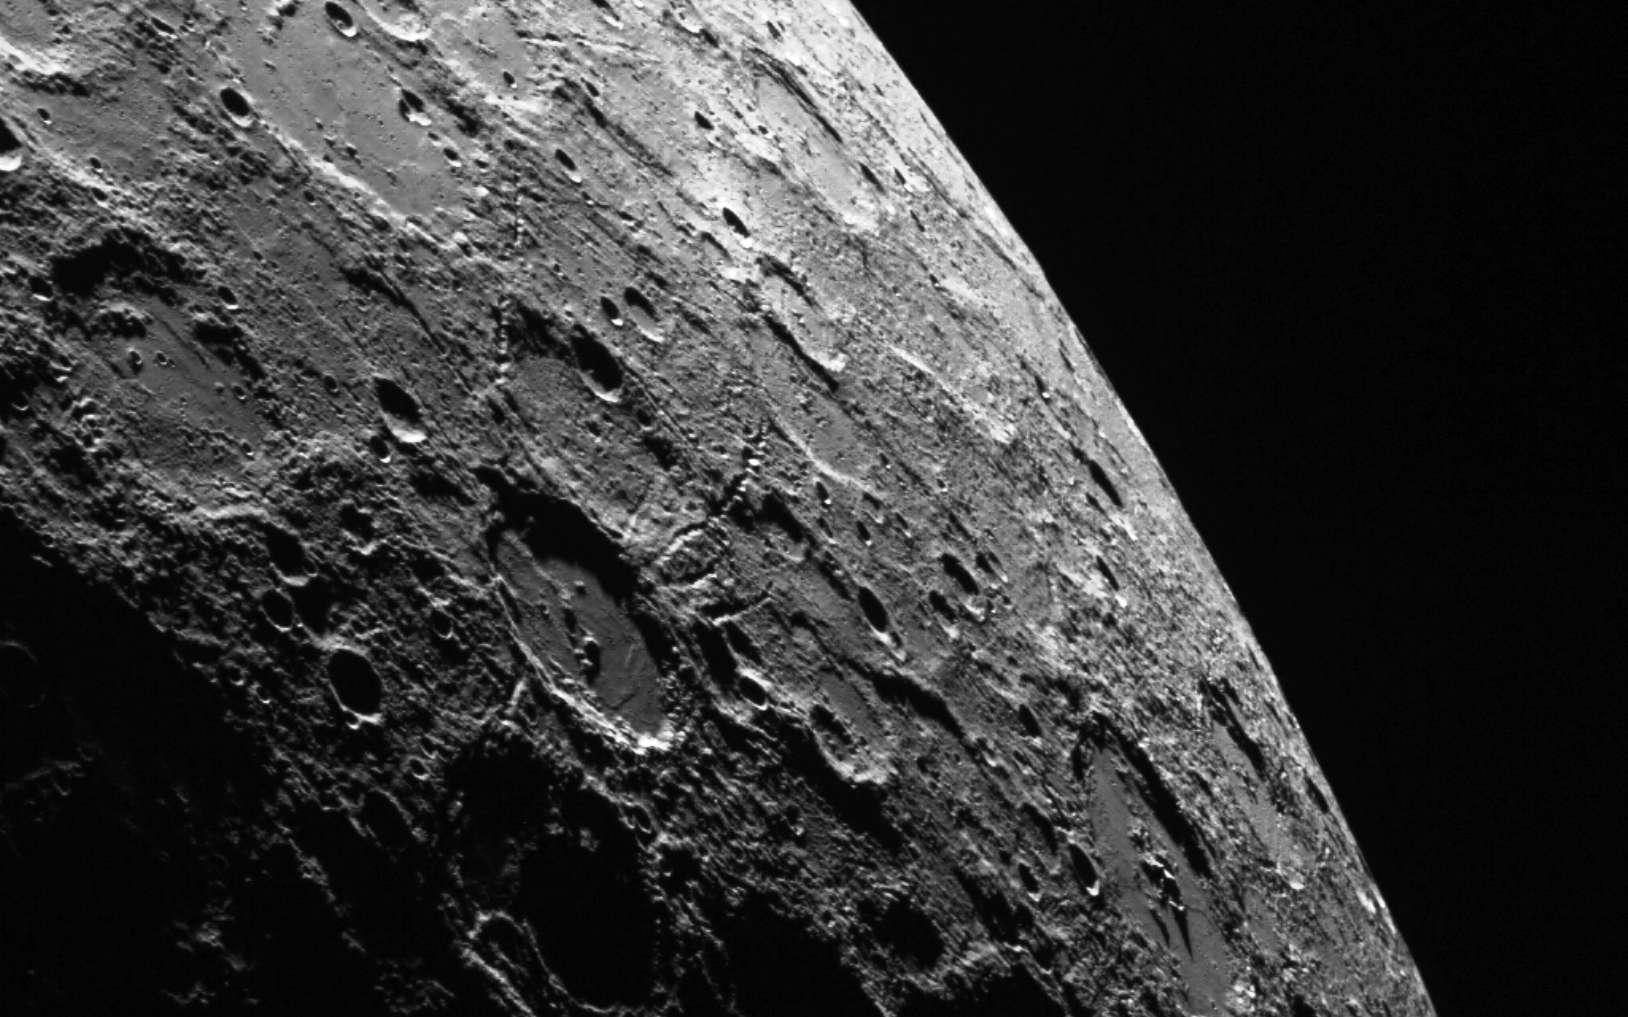 La sonde Messenger a observé l'impact d'un météoroïde sur Mercure - Futura